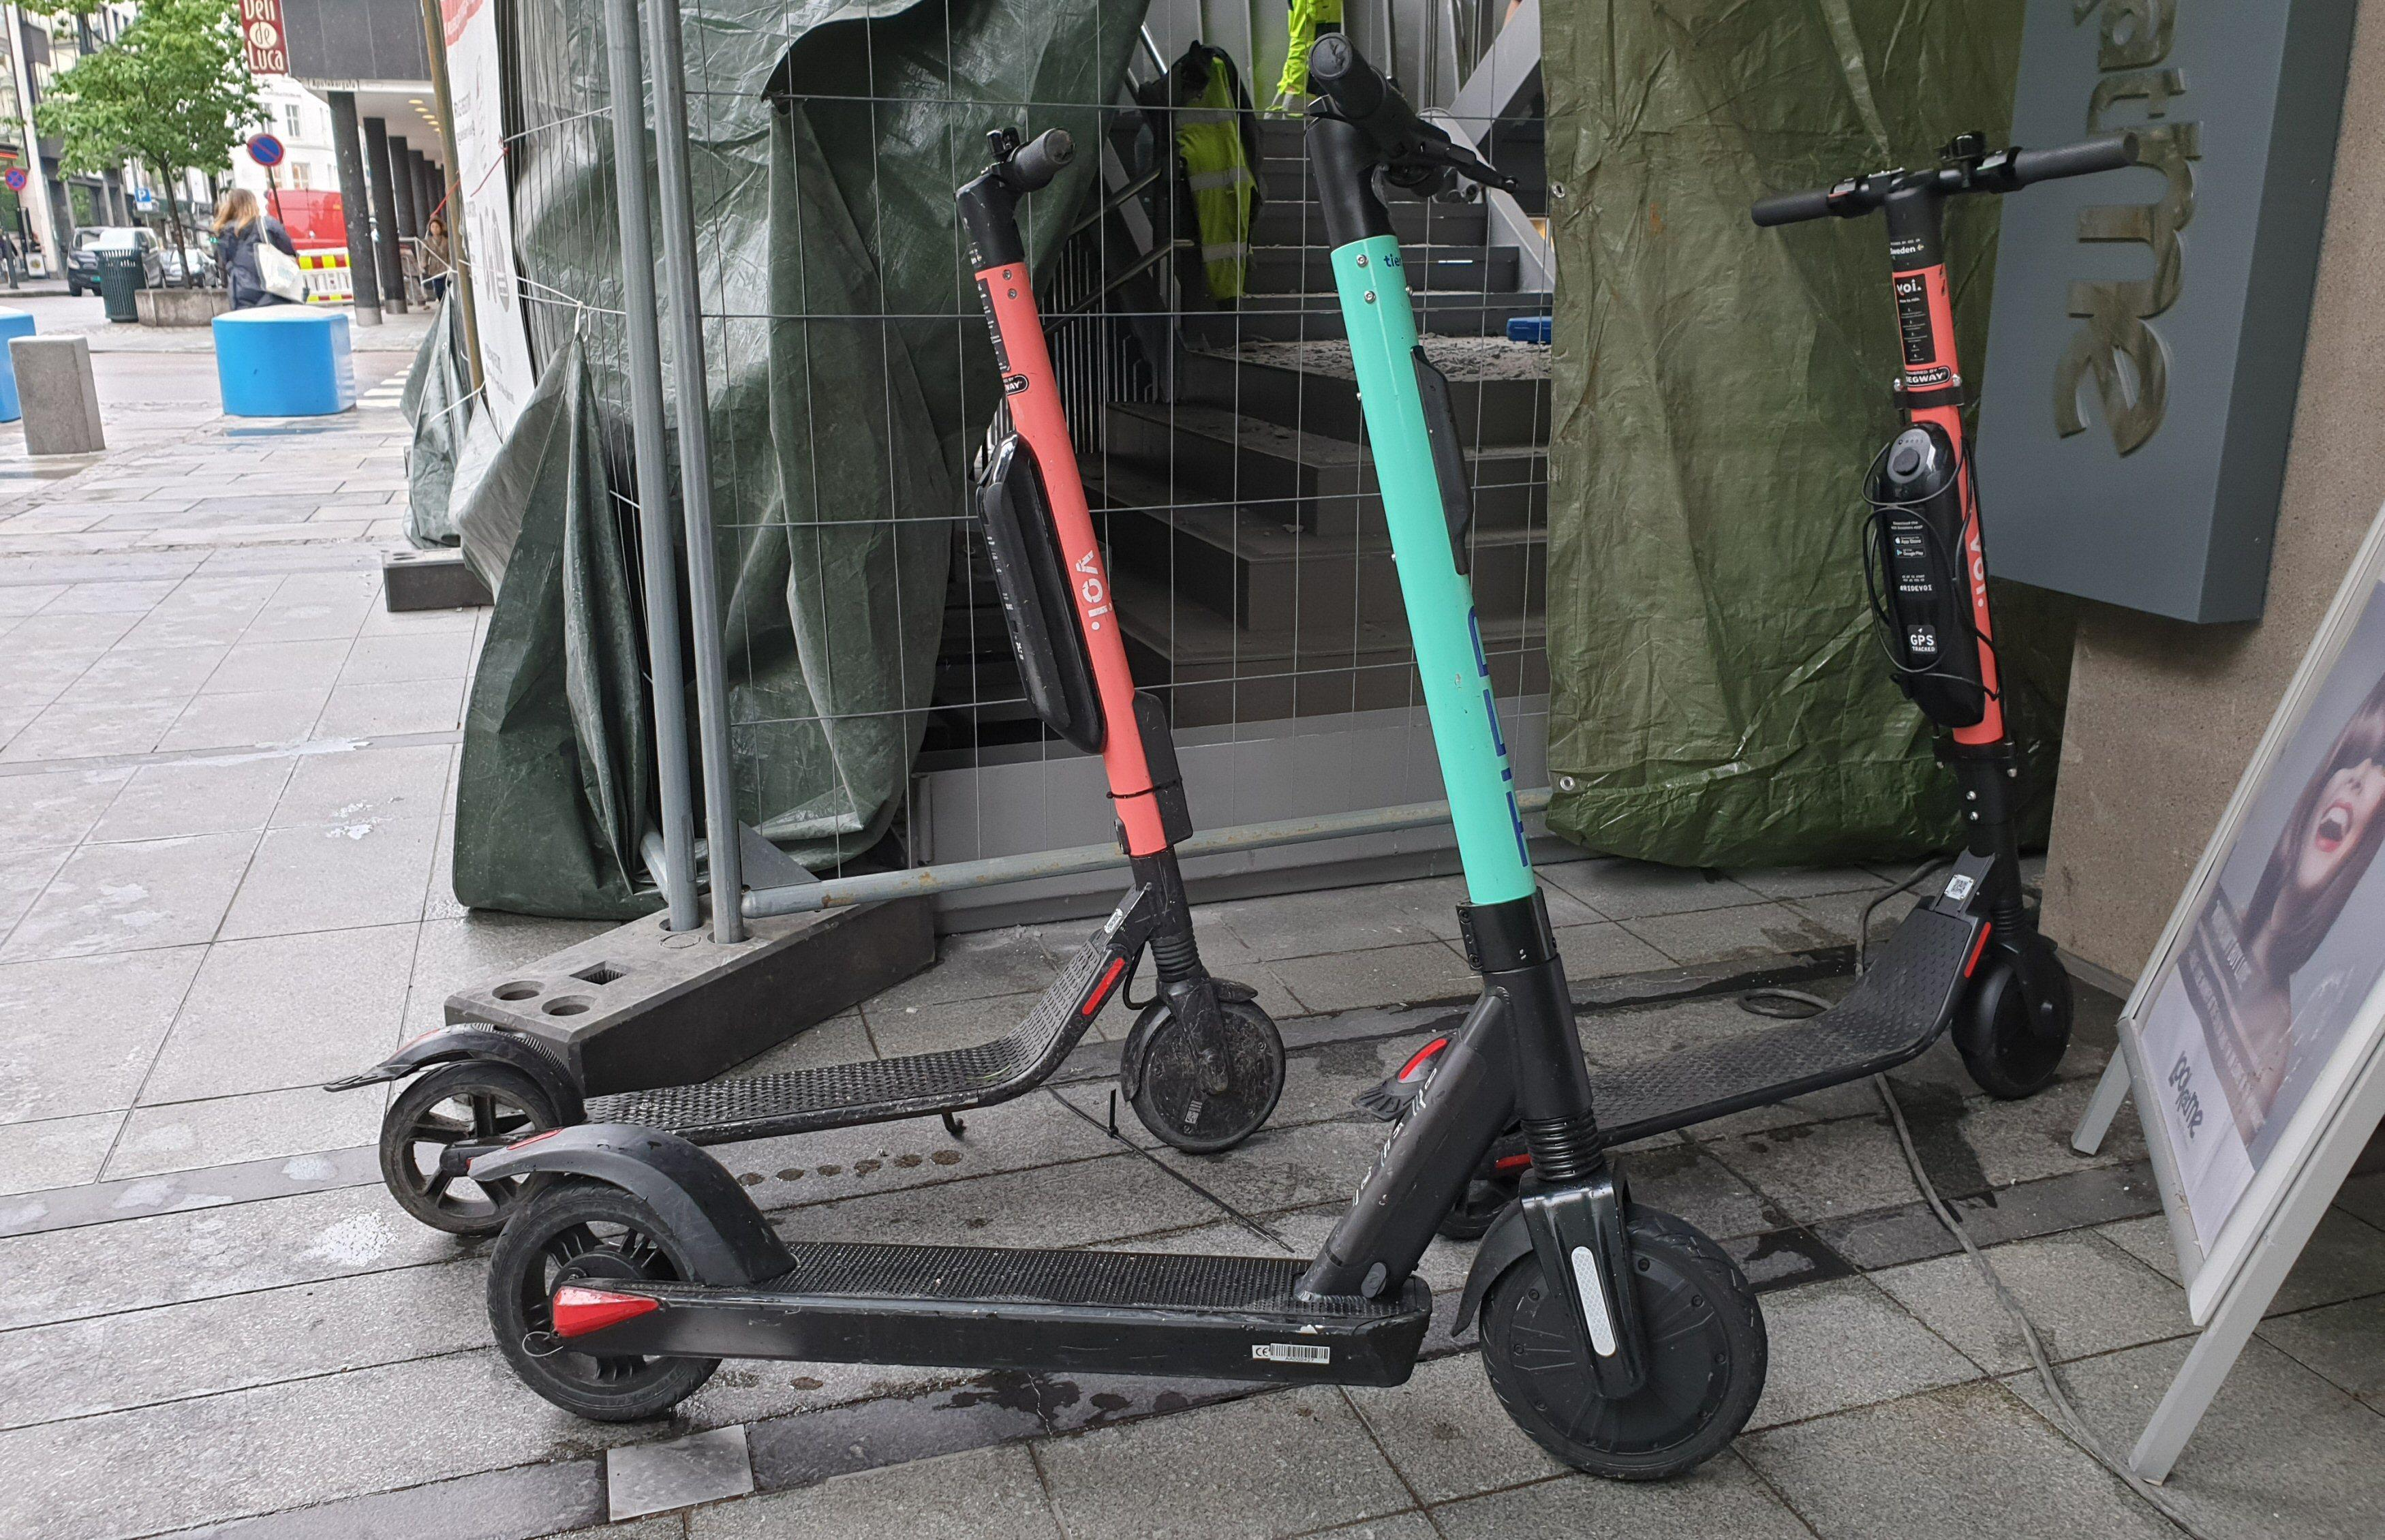 Opprinnelig satset Voi og Tier på den samme modellen. Her ser vi den nye Tier-sykkelen sammen med et par «gamle» elsparkesykler fra Voi.